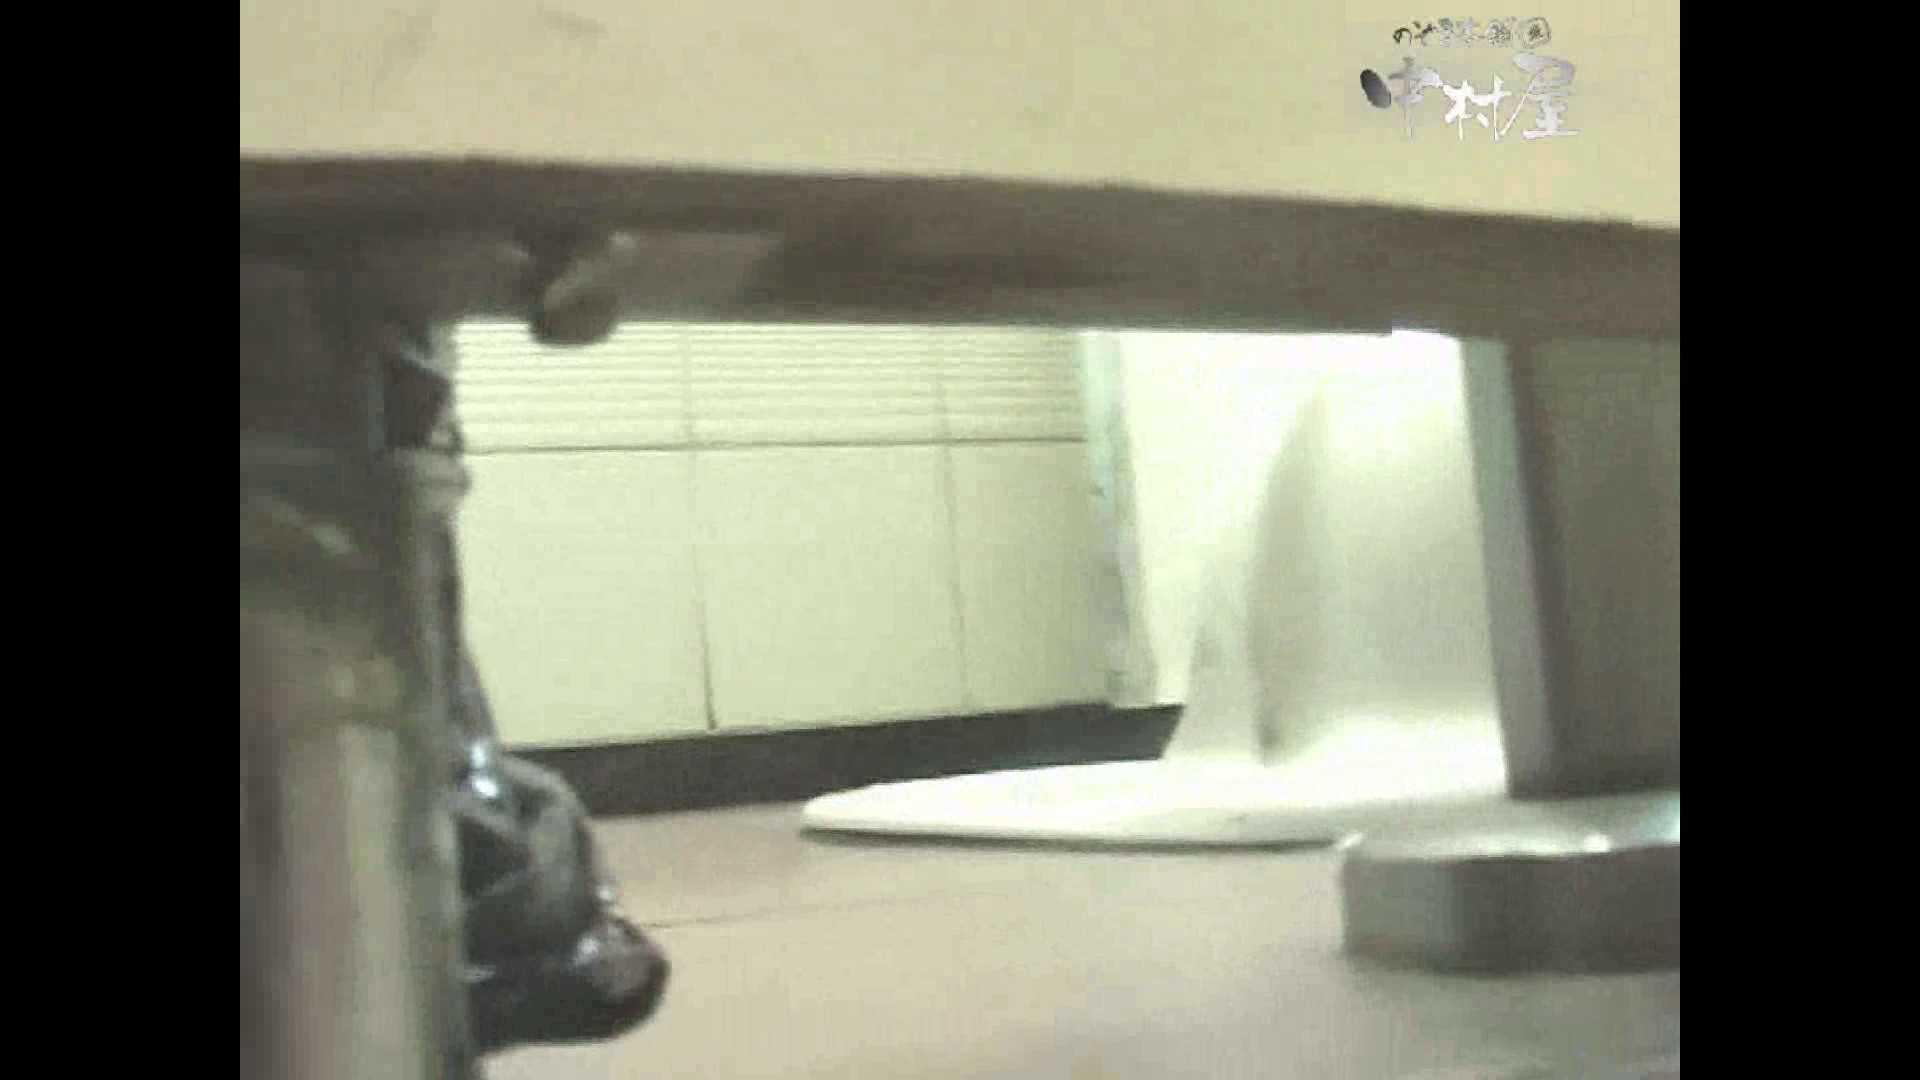 岩手県在住盗撮師盗撮記録vol.24 お姉さん丸裸 おまんこ無修正動画無料 80pic 71